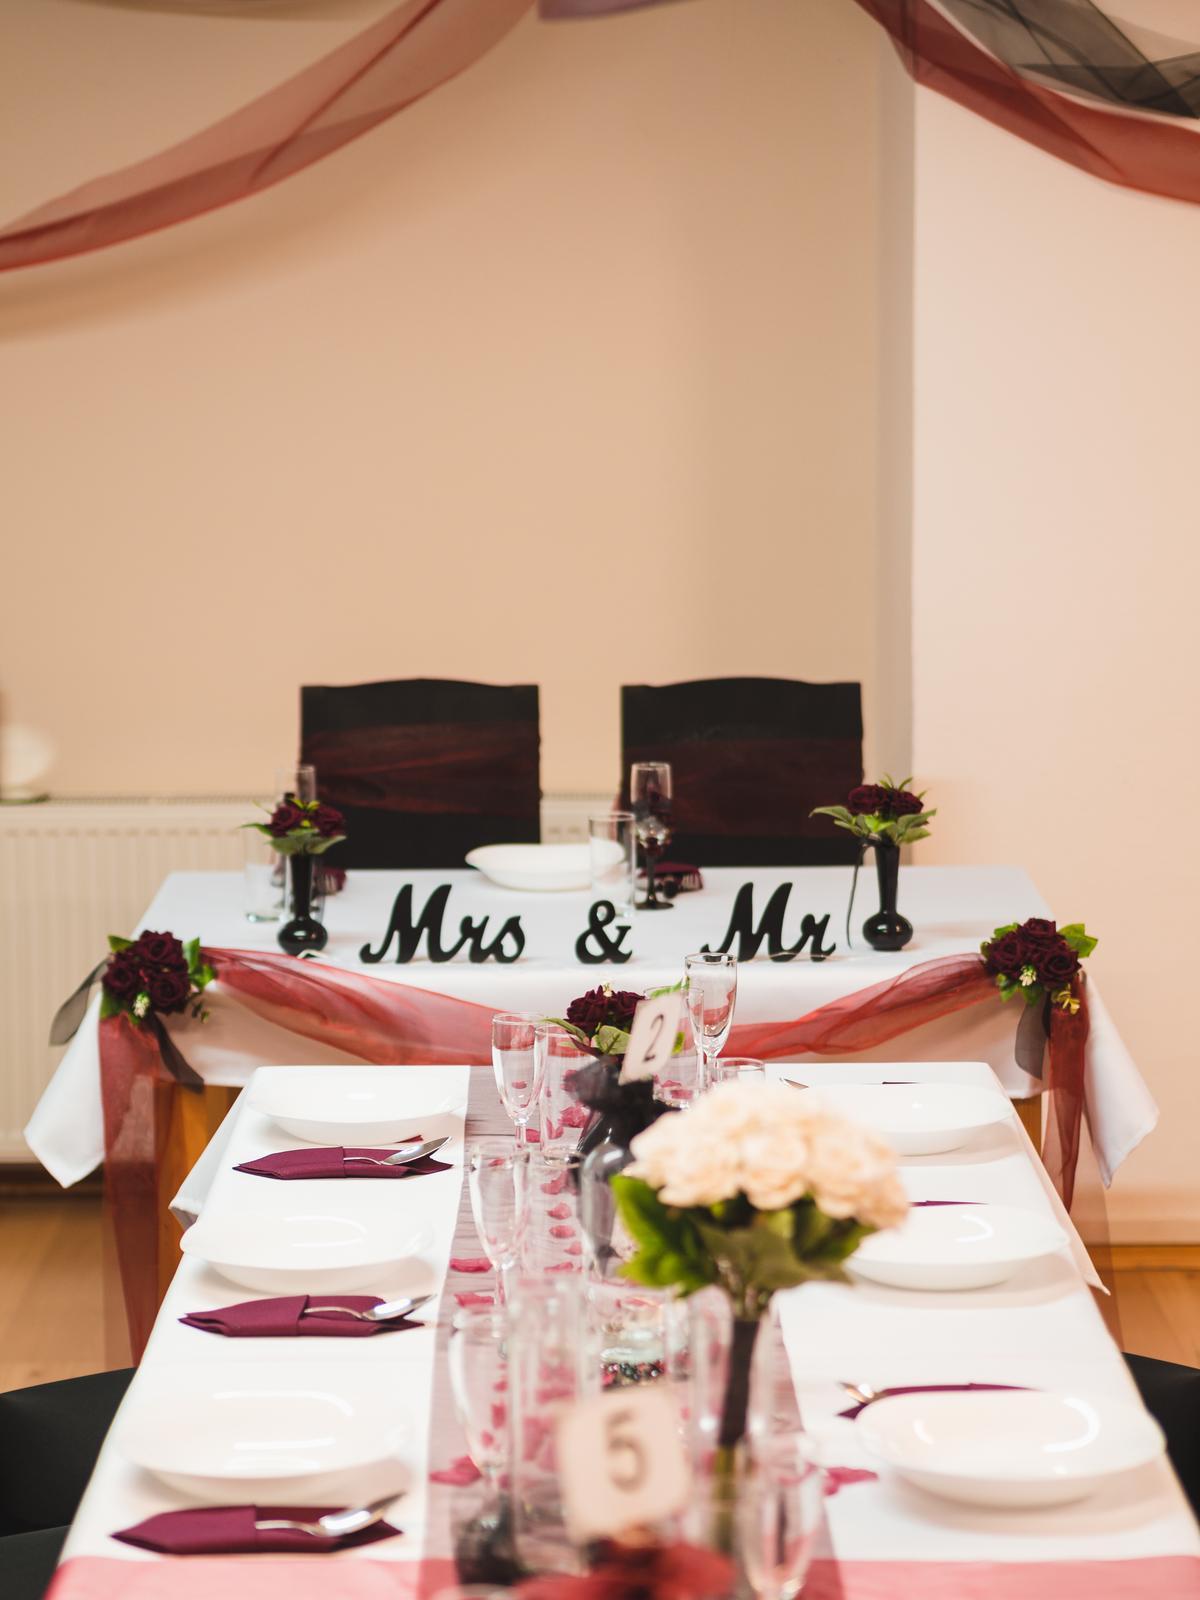 Mr & Mrs - Obrázek č. 2